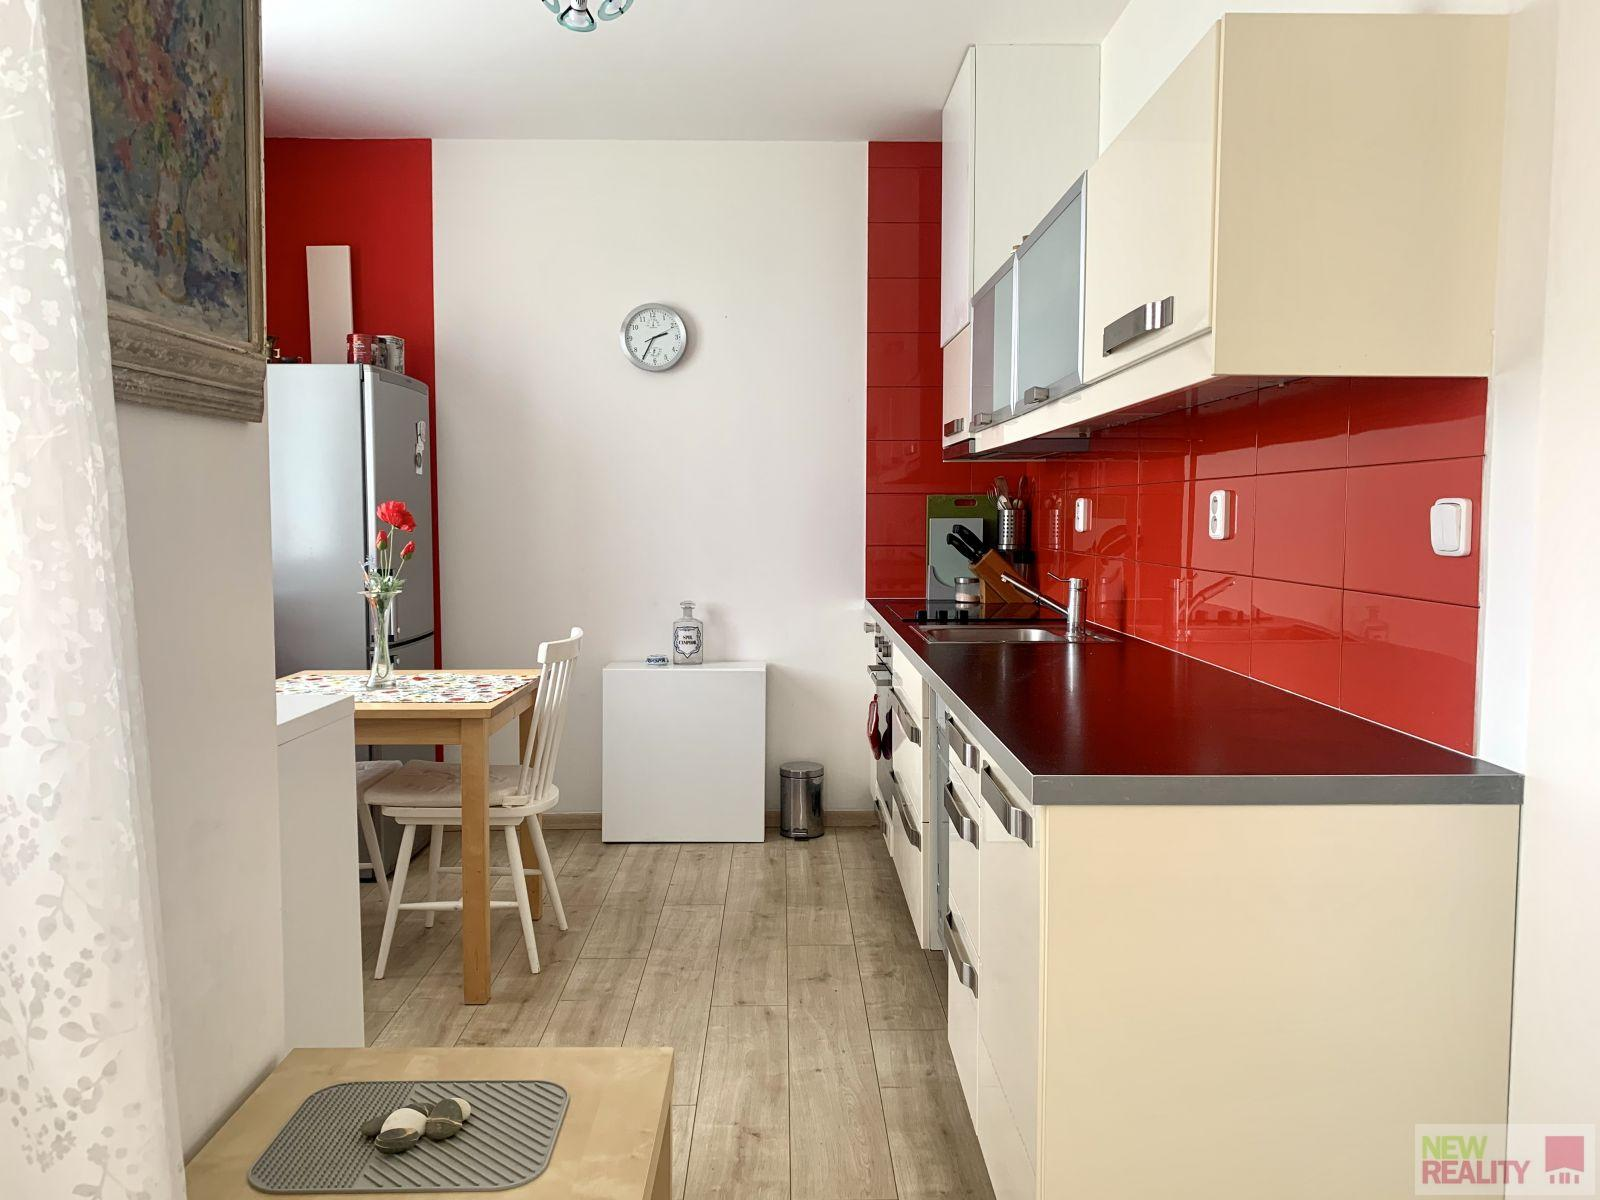 Pronájem bytu 2+KK + Lodžie,  3.NP, o celkové výměře 46,73m2,  Klecany - Praha východ.